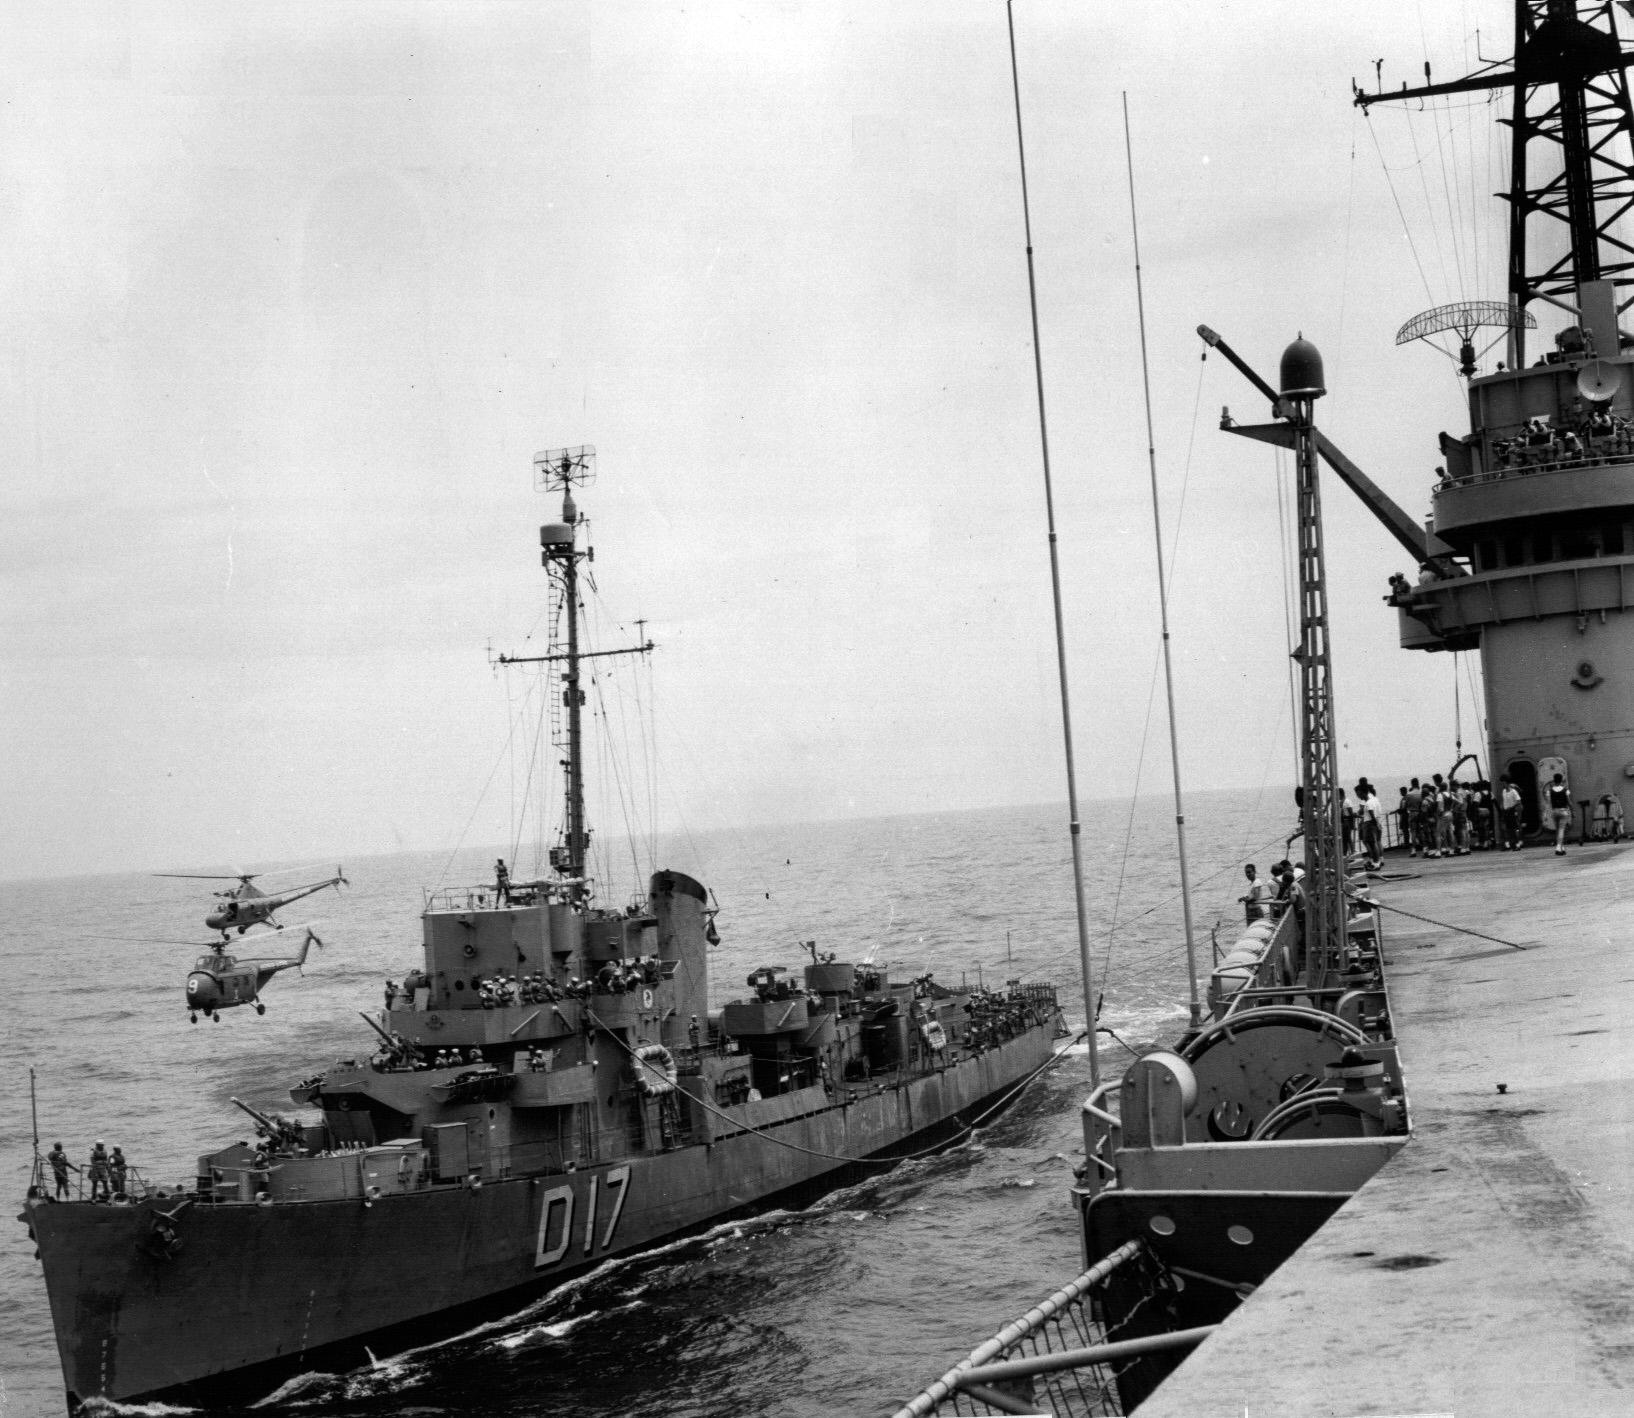 Quando irrompeu a crise da lagosta o contratorpedeiro de escolta Babitonga (D17) preparava-se para entrar em período de reparos. Dois anos depois ele foi convertido em aviso oceânico e seu armamento antissubmarino foi removido. Na foto, o Babitonga sendo reabastecido pelo NAeL Minas Gerais